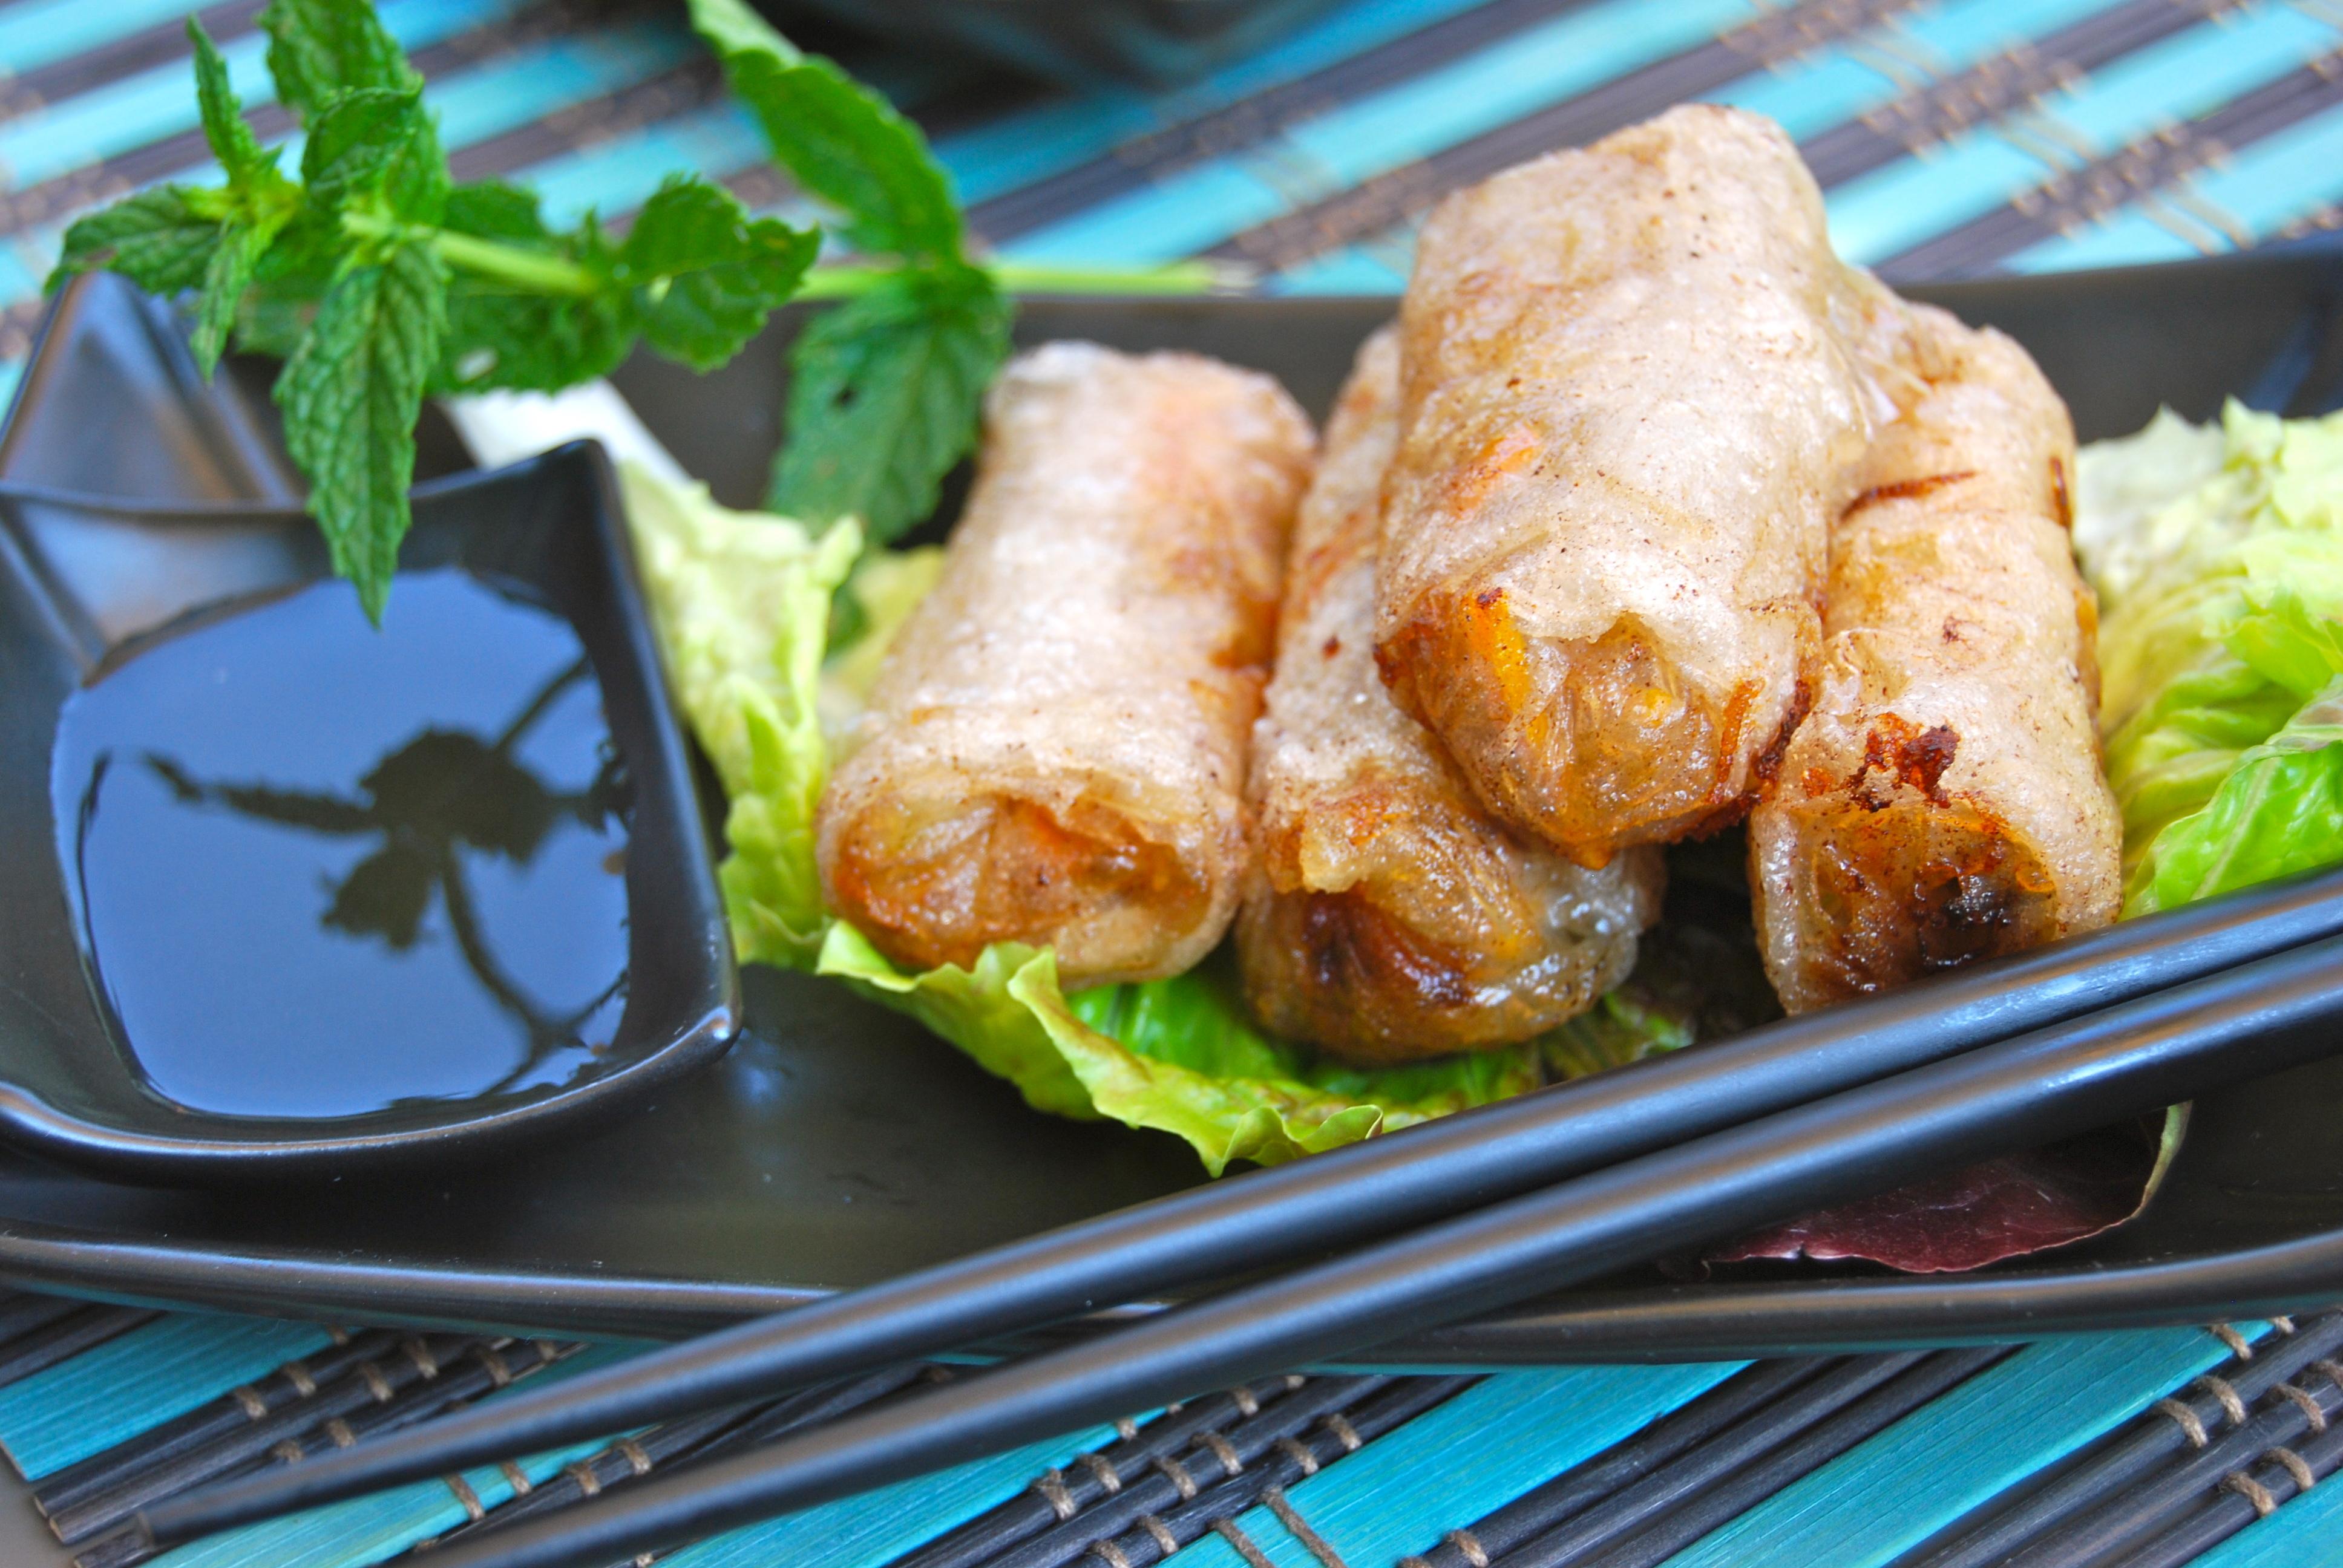 Nems vietnamiens my cooking instinct Nems vietnamiens